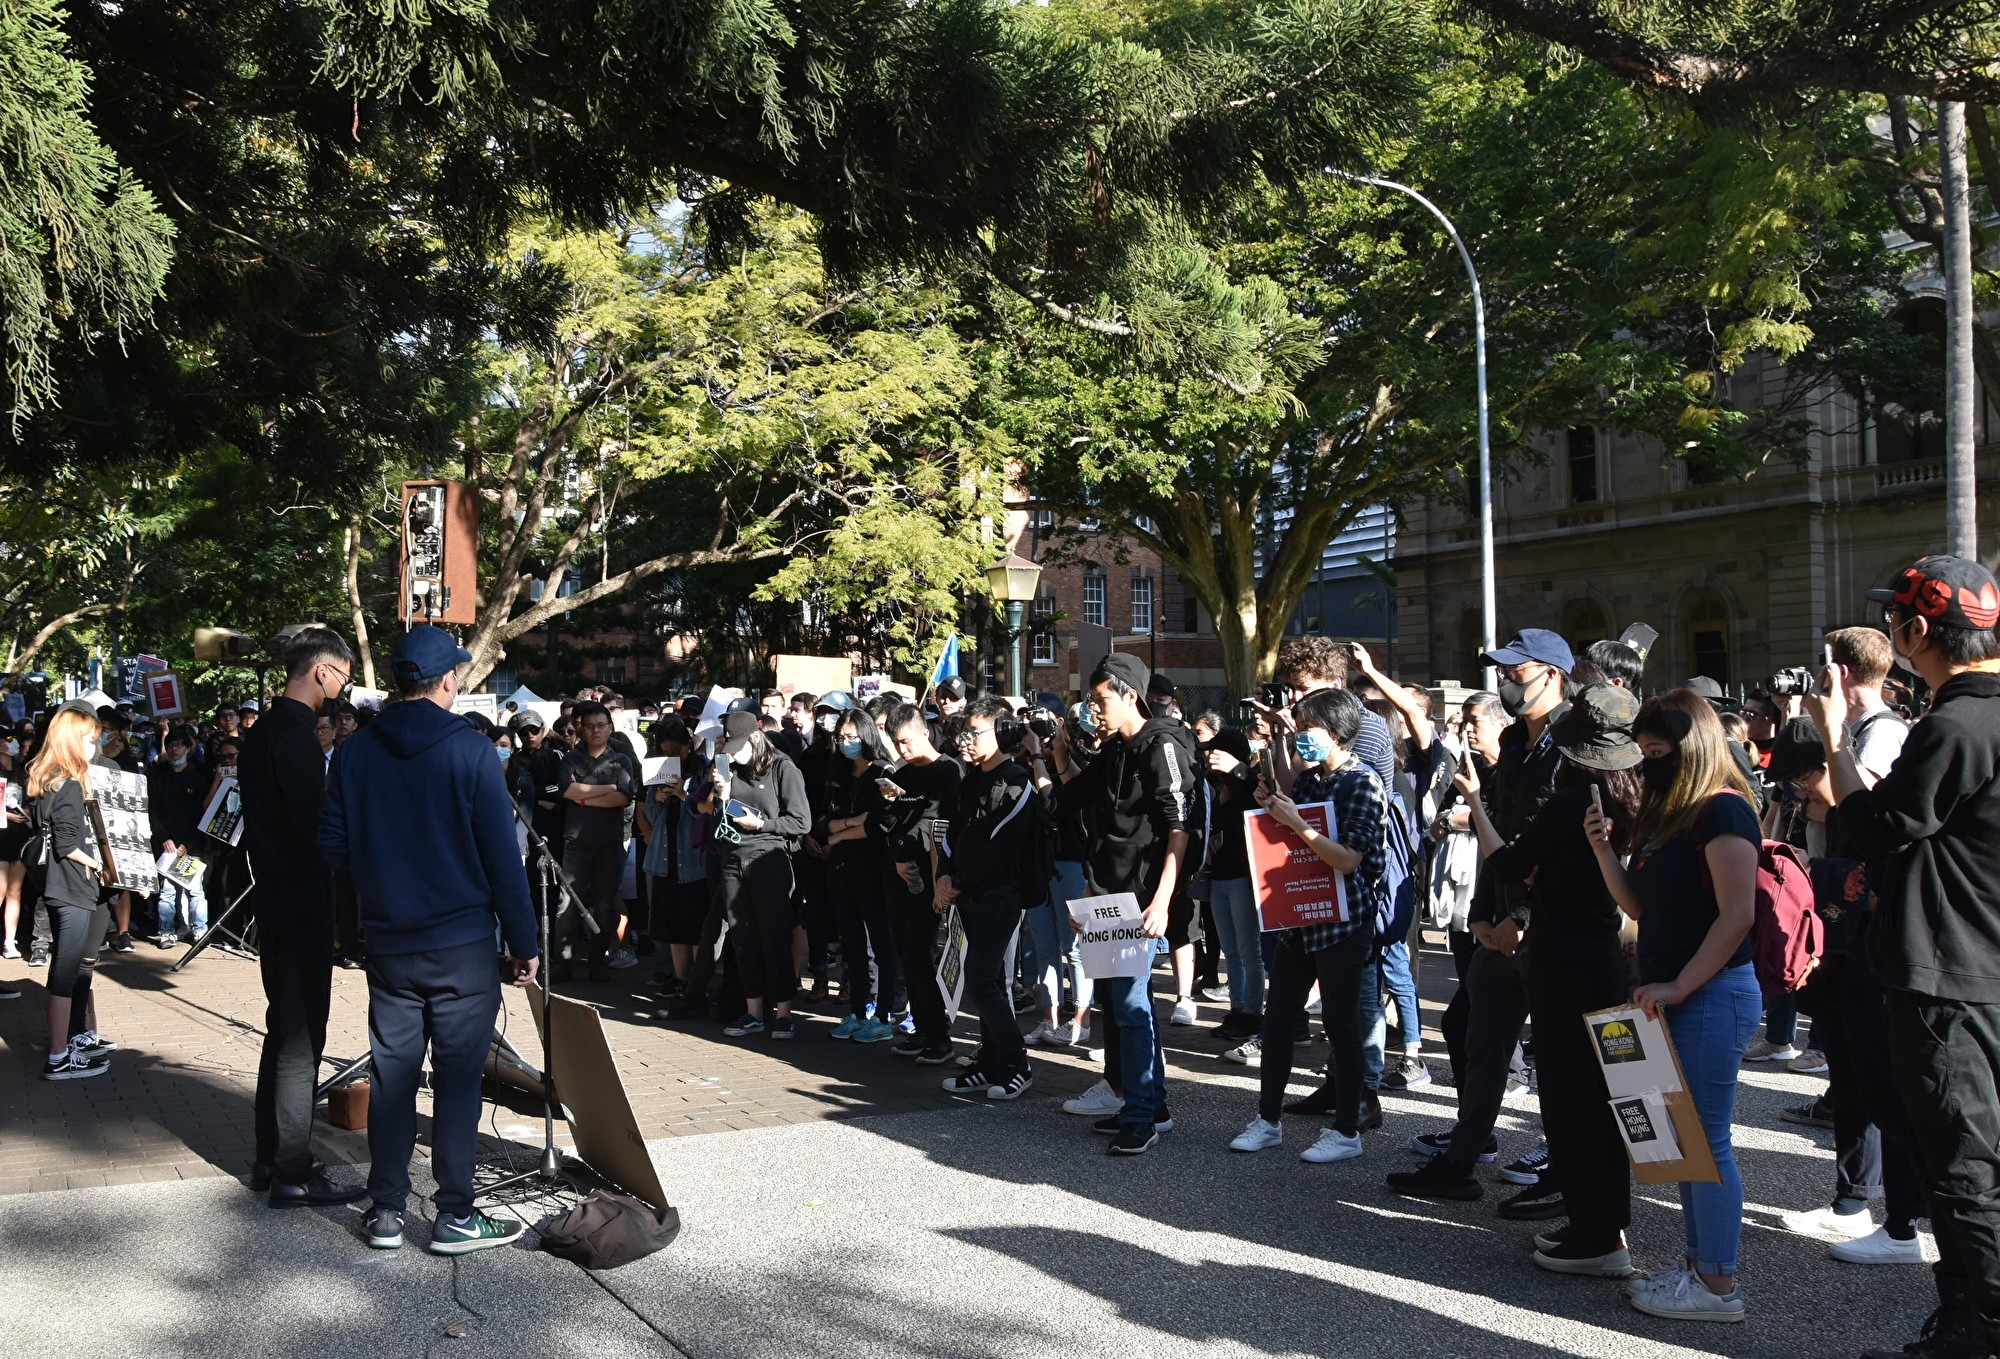 7月28日下午,在布里斯本議會大樓前演講者之角,香港學生介紹了7月24日他們在昆大聲援香港反送中時遭到中國學生暴力襲擊。(楊裔飛/大紀元)